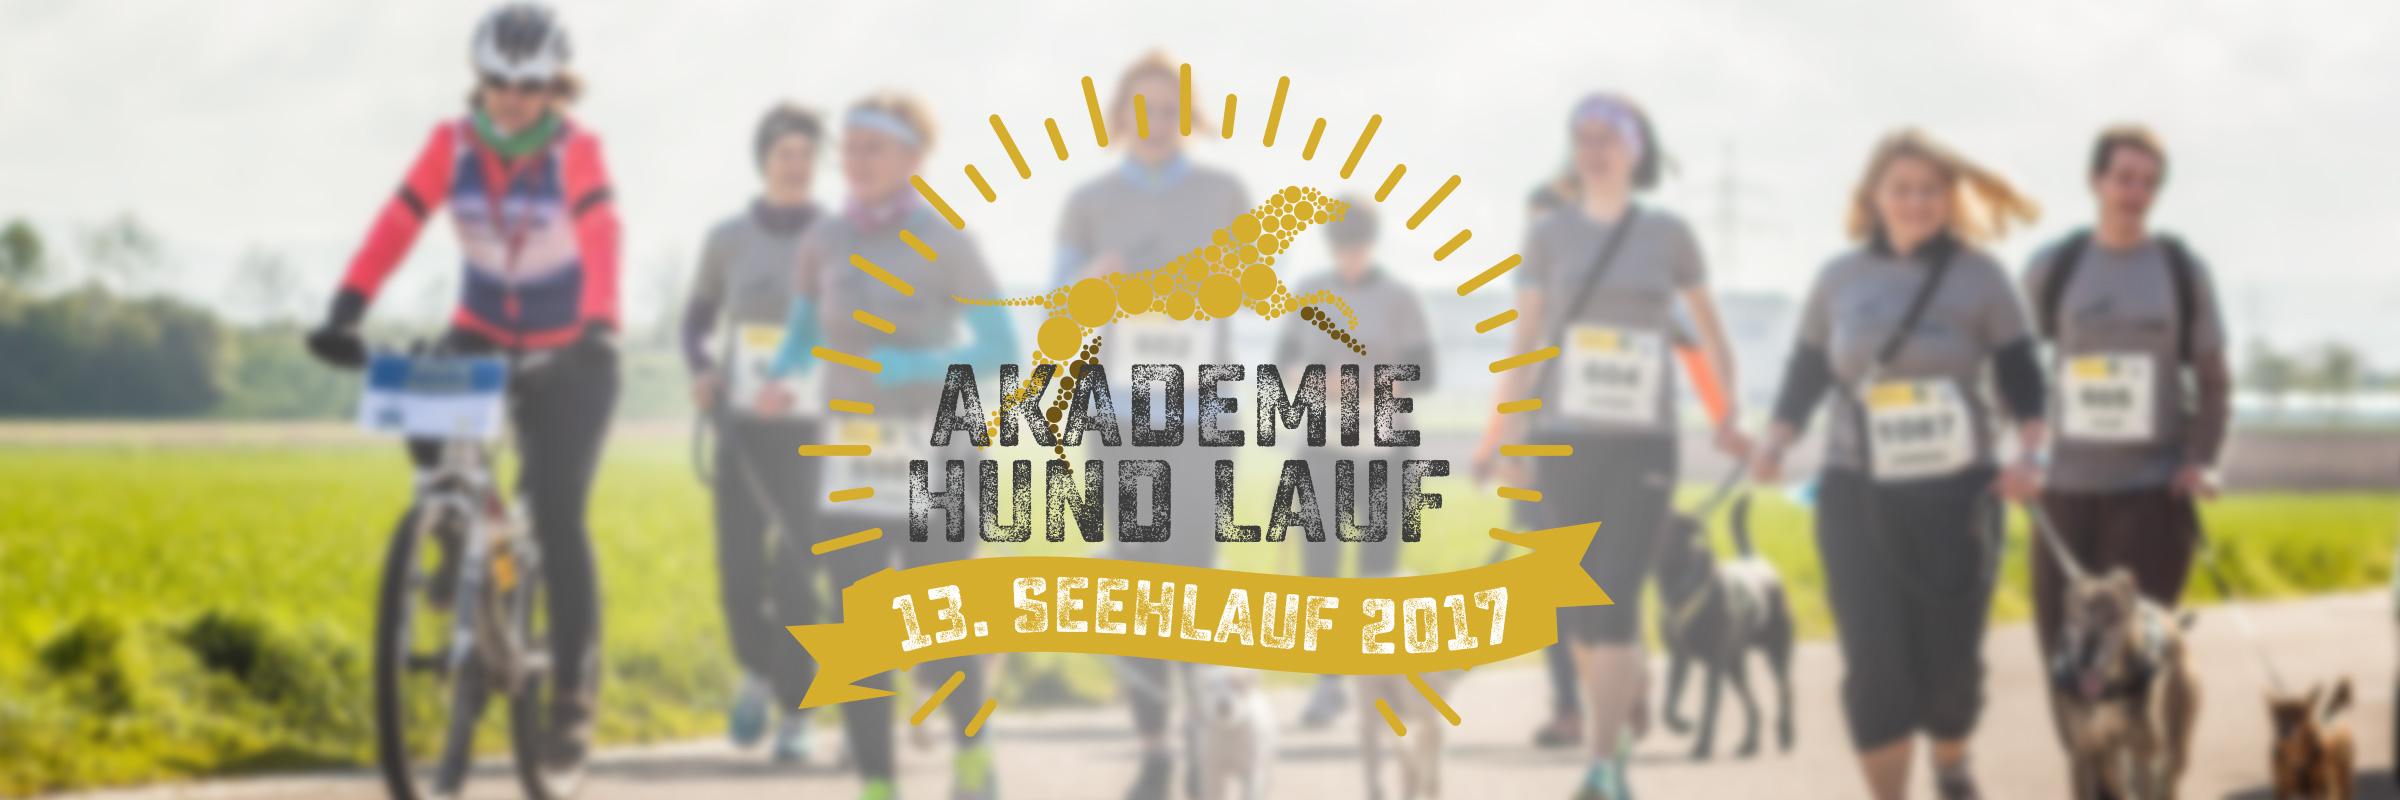 Hundeschule Akademie Hund Lauf / Seehlauf 2017 Neutraubling